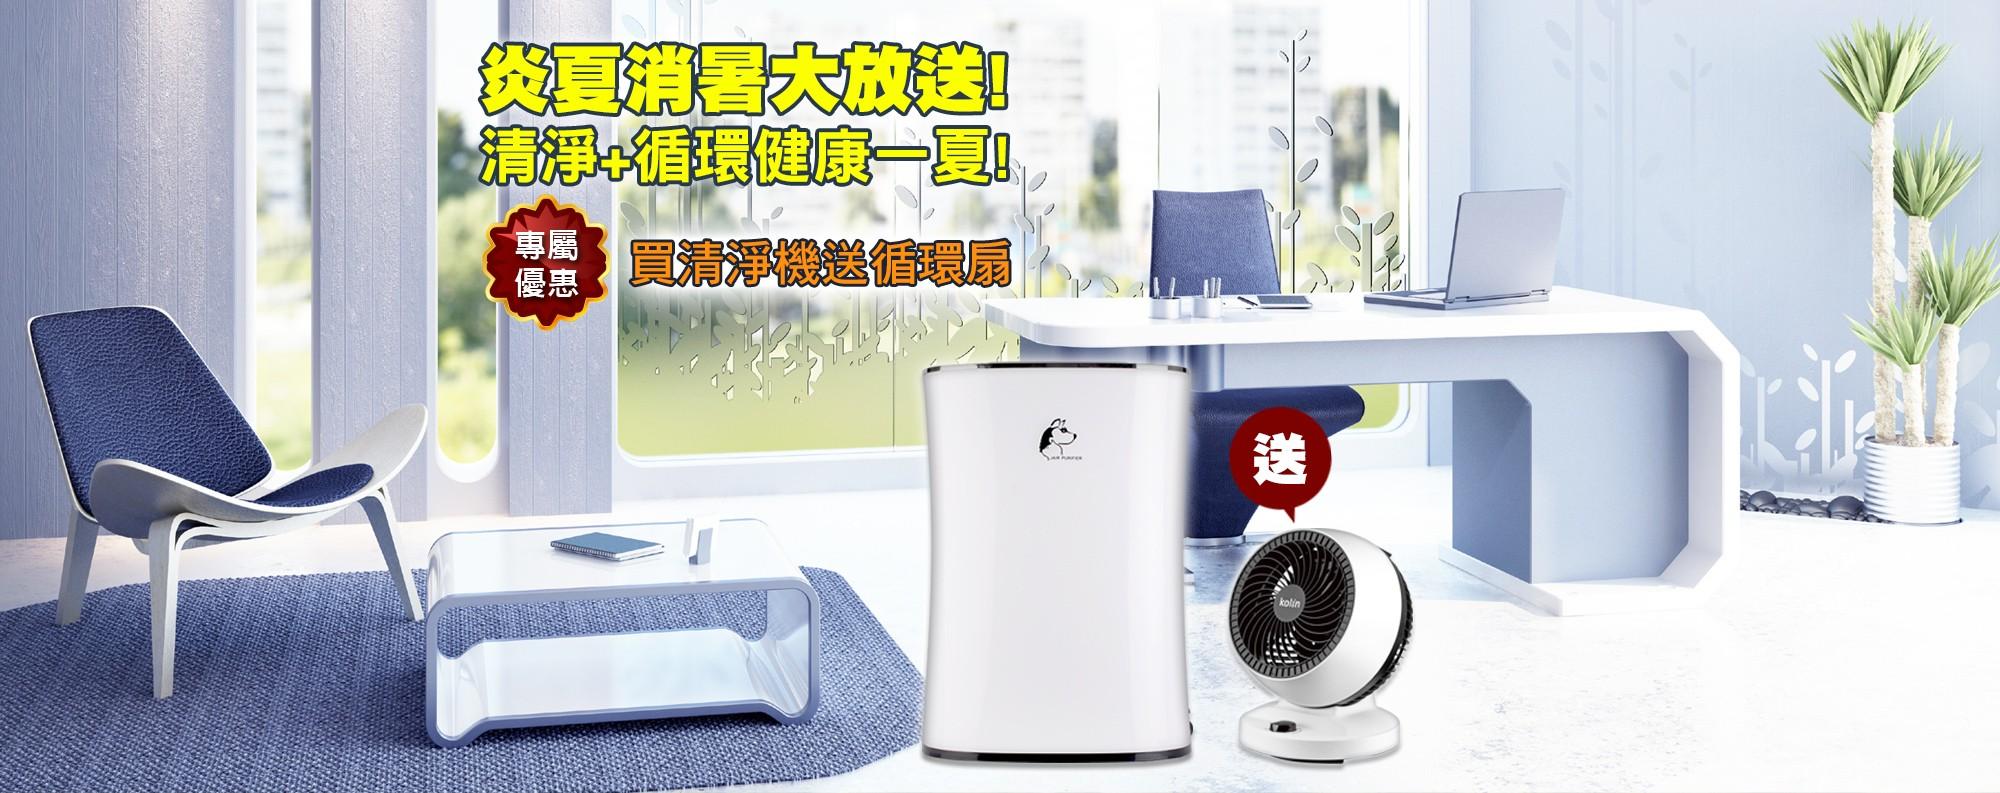 買空氣清淨機就送9吋循環扇